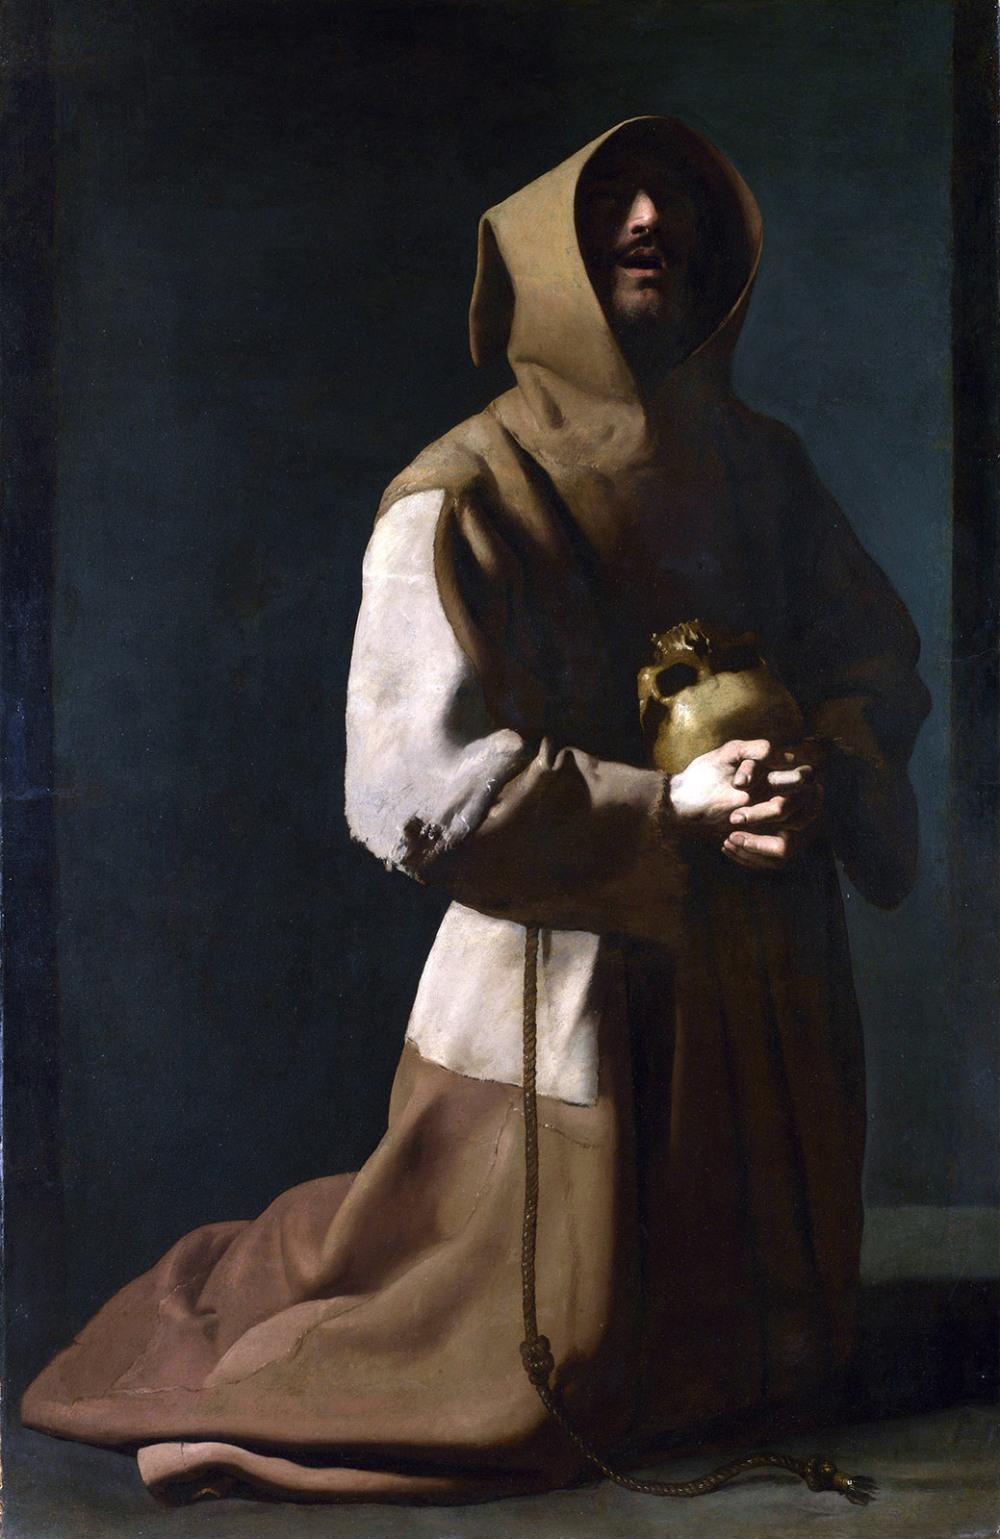 Francisco de Zurbarán. San Francisco meditando. 1635-1639. National Gallery. Londres.